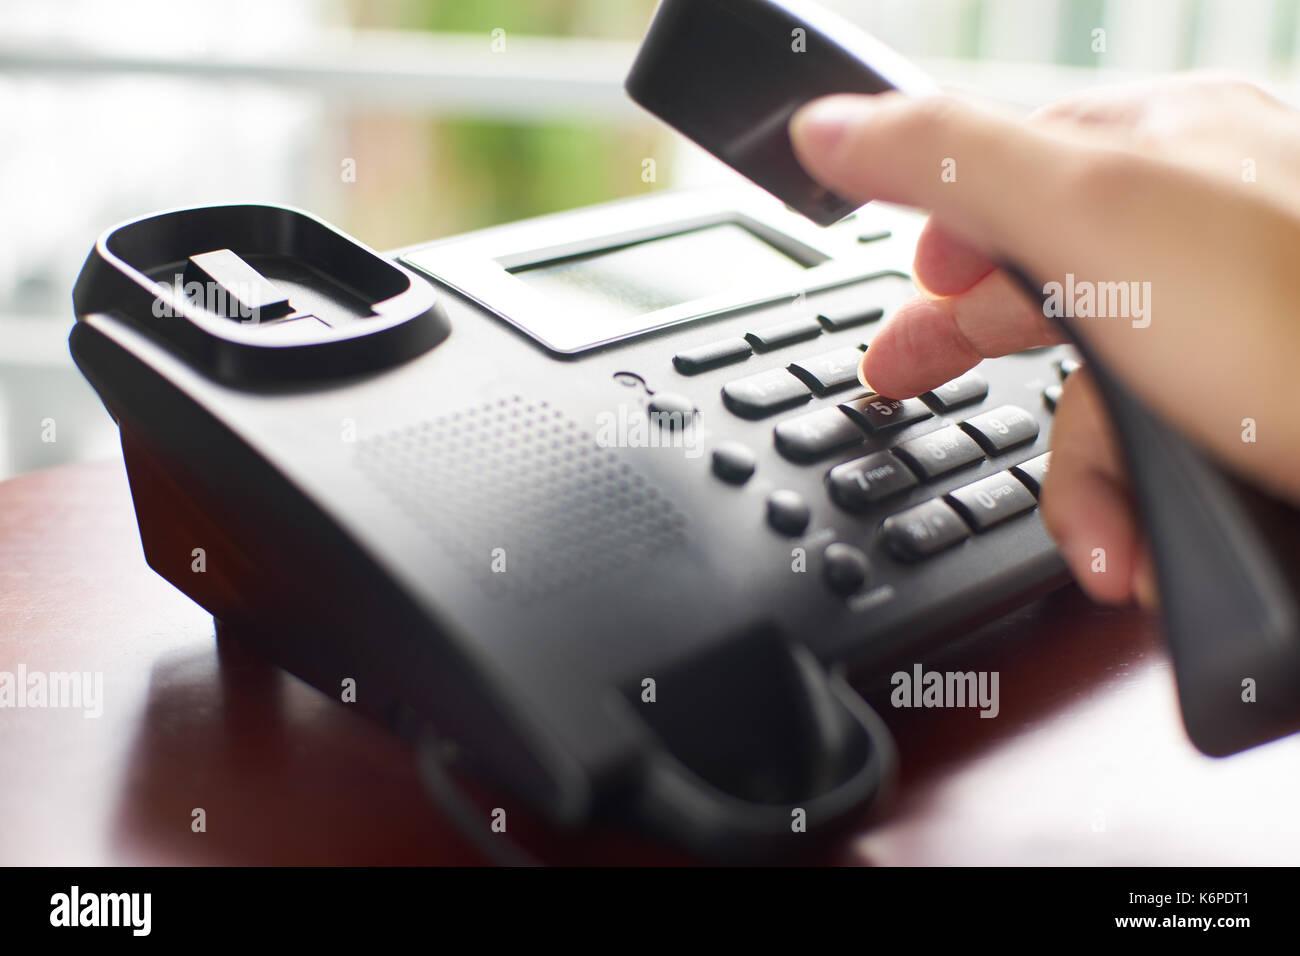 La composizione del numero di telefono ,Contatto e assistenza clienti concetto . Messa a fuoco selezionata . Immagini Stock